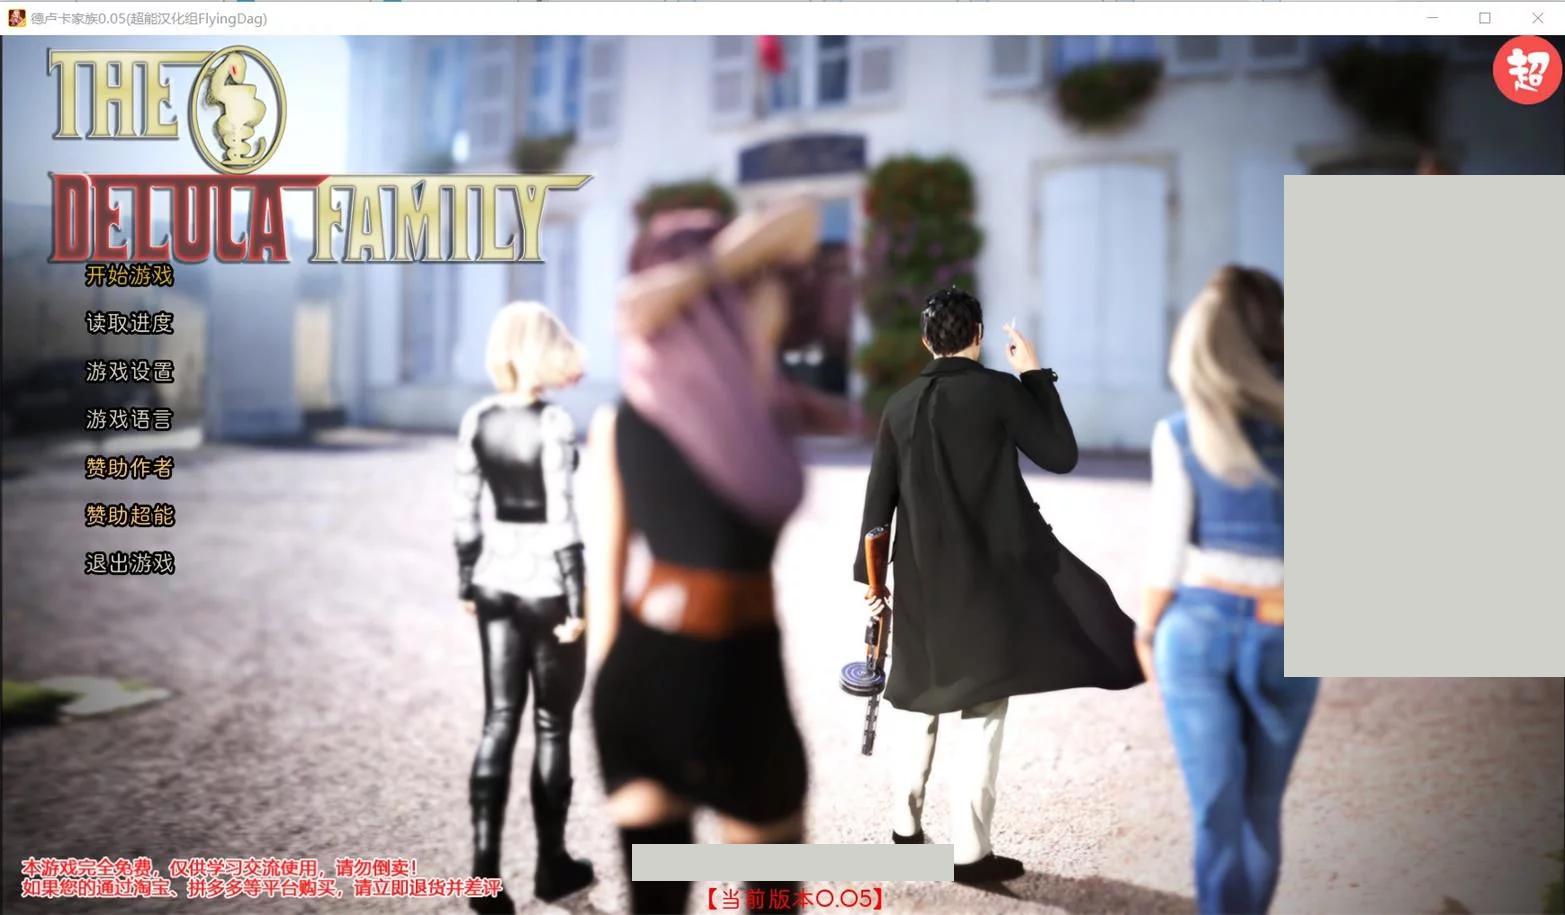 【欧美SLG/汉化/动态CG】德鲁卡家族 Ver0.061 精翻汉化版+全CG【更新/PC+安卓】【2.1G】